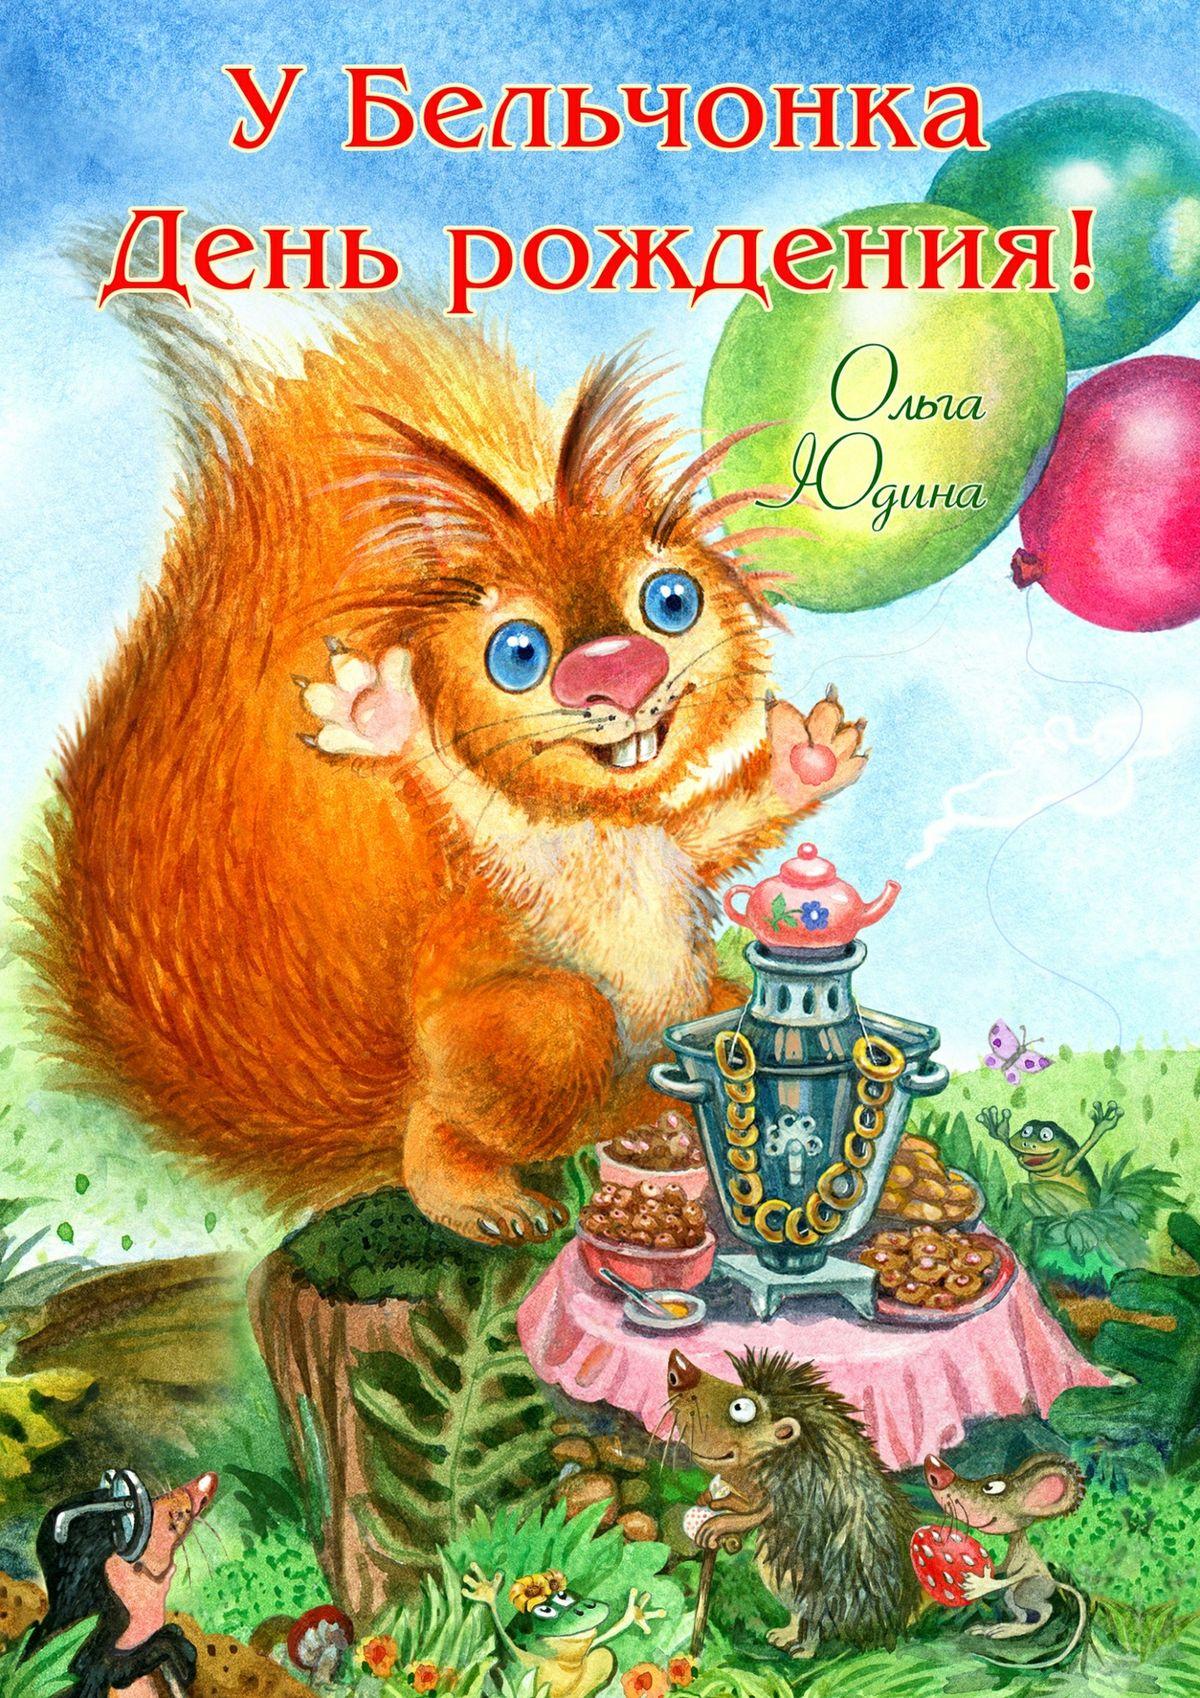 Ольга Юдина УБельчонка День рождения! лыкова и шипунова в мишкин праздник беседы по картинкам о том как мишка пригласил друзей на свой день рождения 1 3 года